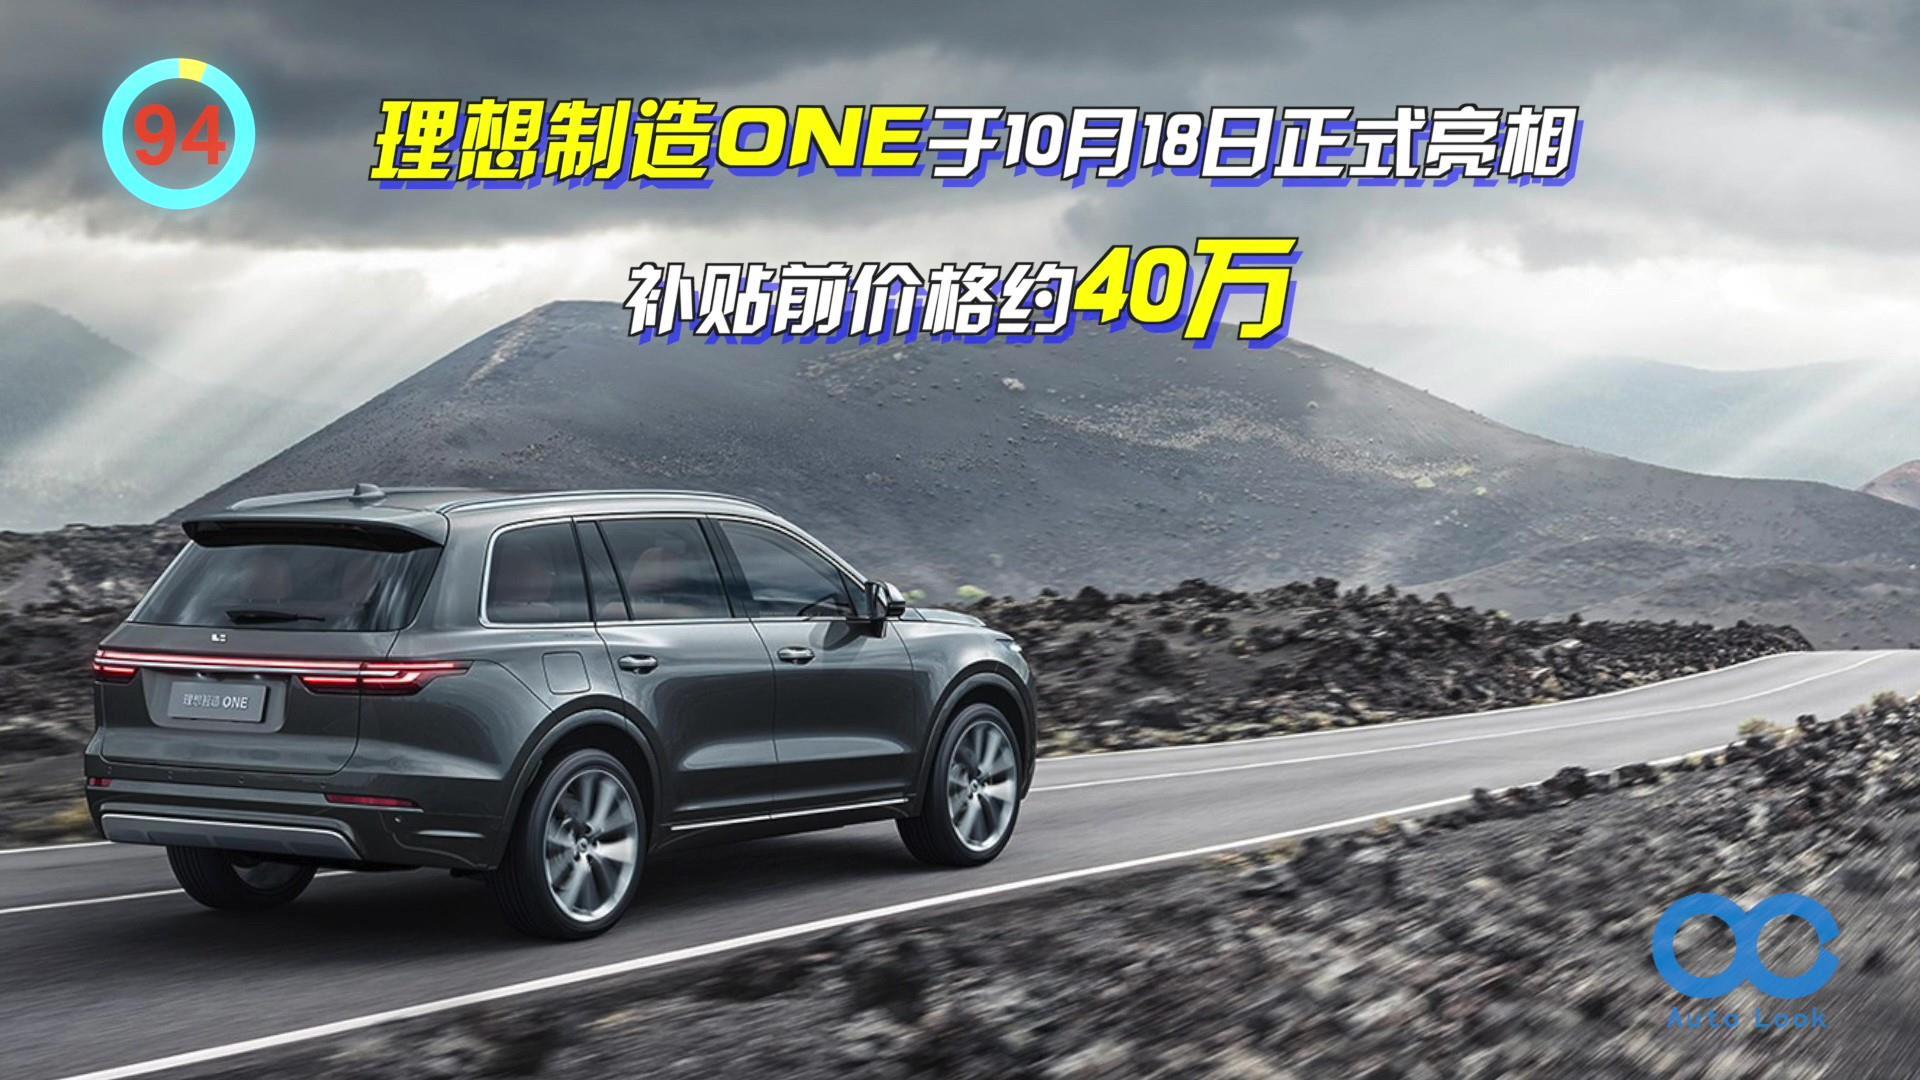 「百秒看车」理想制造ONE 增程式电驱 续航1000公里